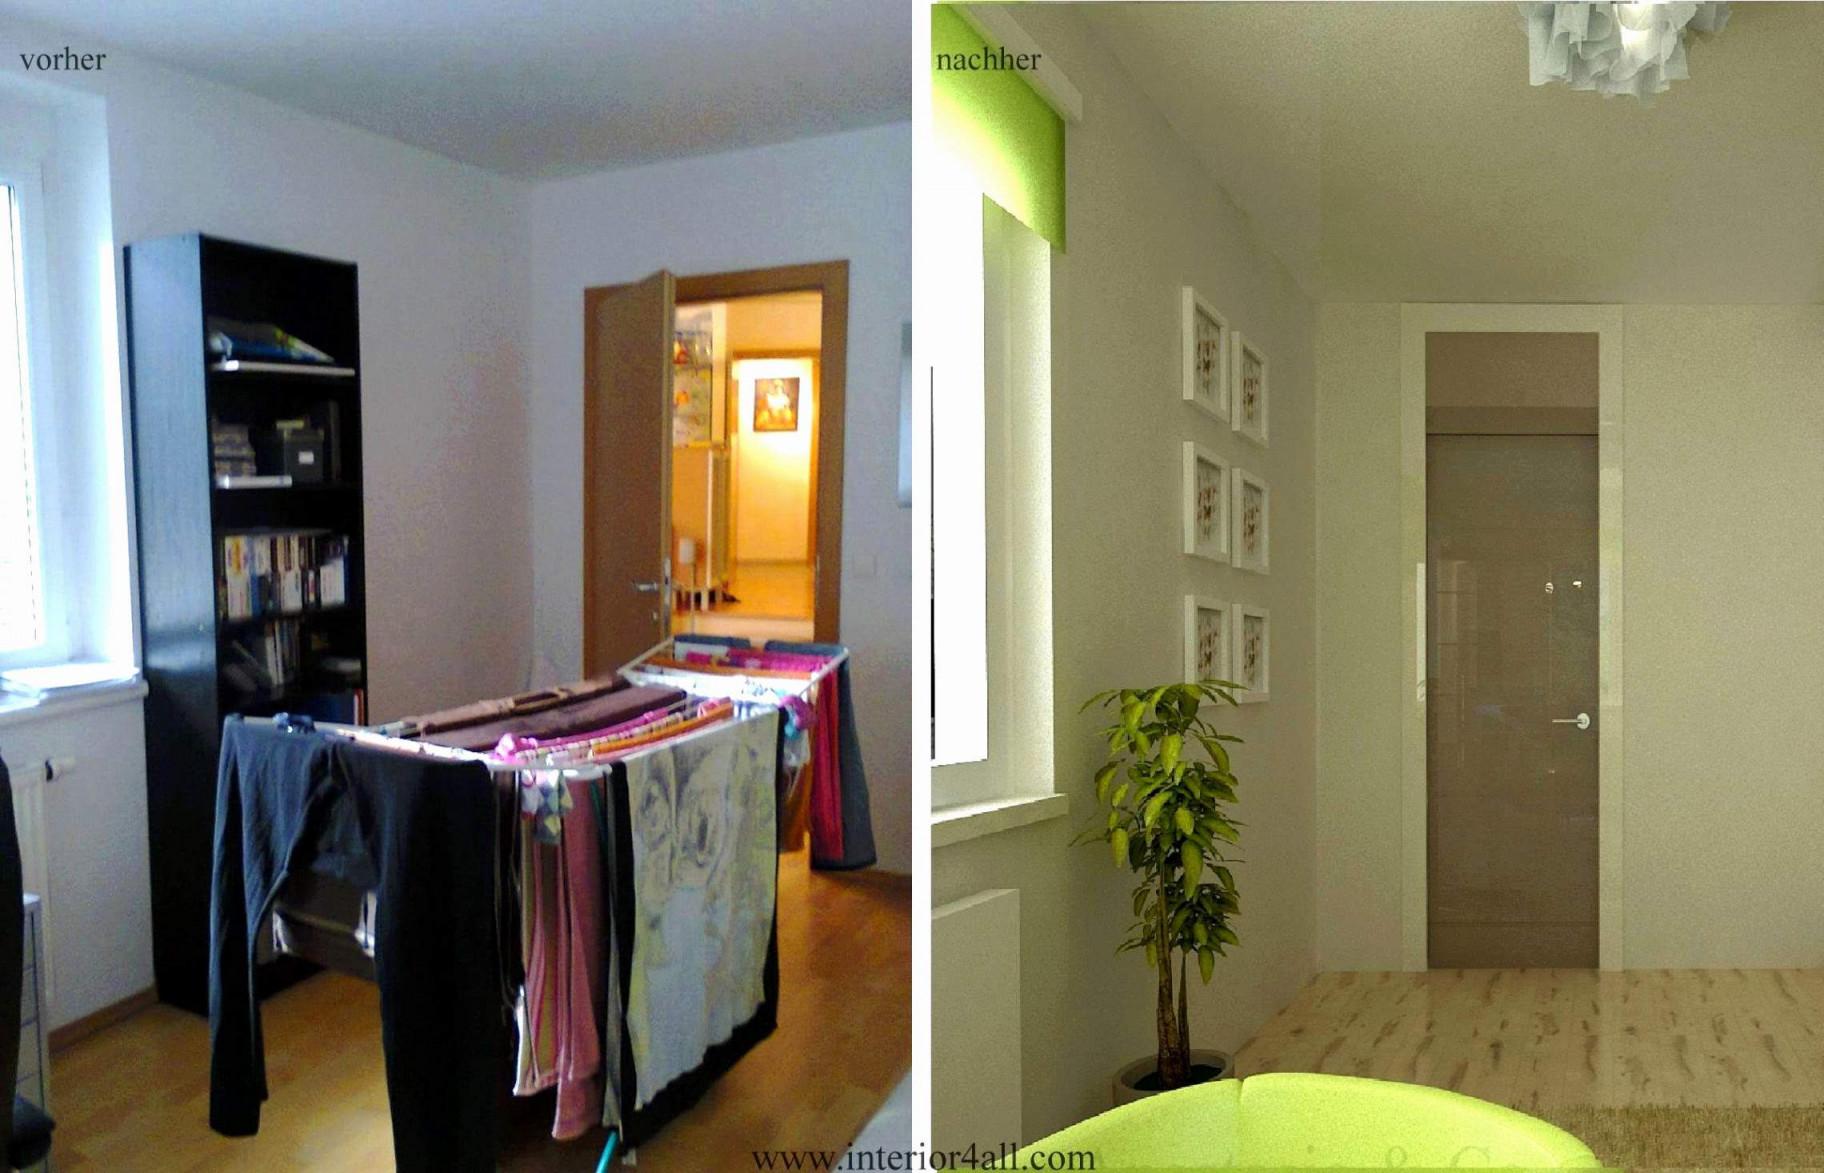 27 Schön Wohnzimmer Neu Gestalten Vorher Nachher Reizend von Wohnzimmer Neu Gestalten Ideen Photo